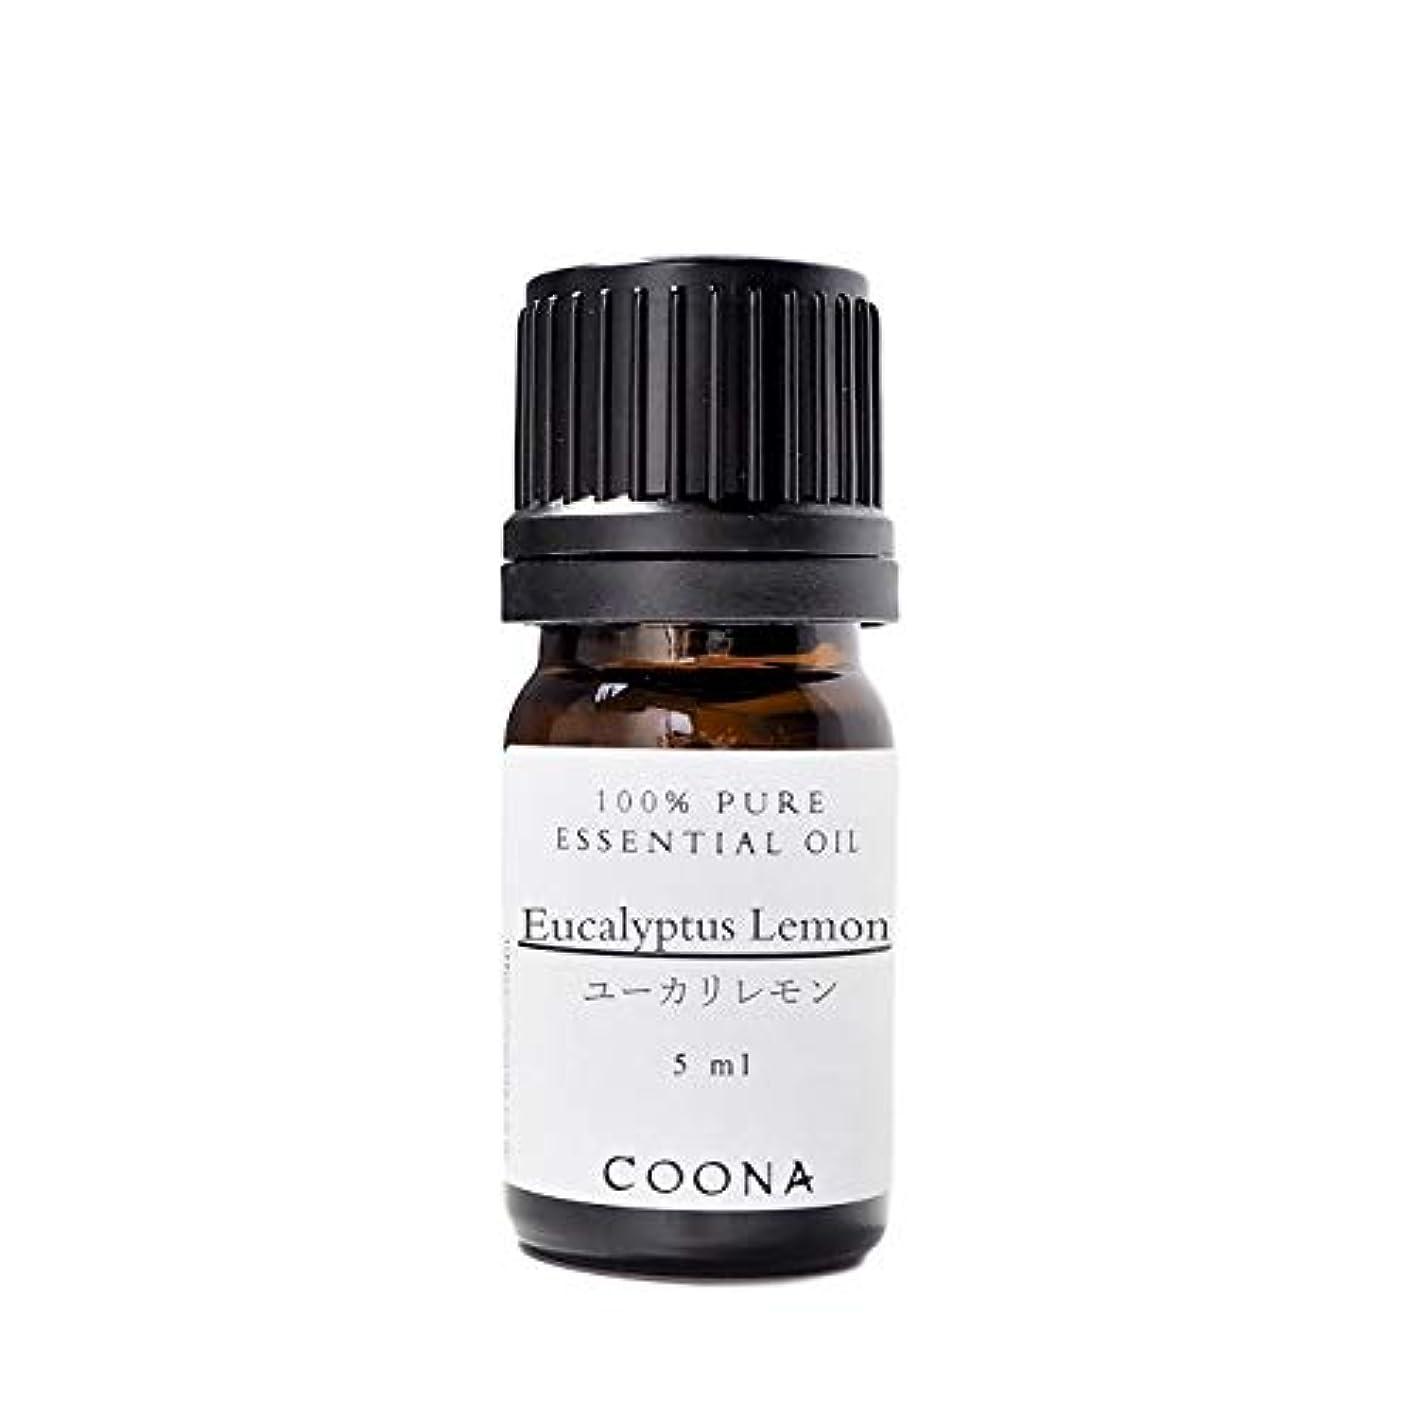 粗い嘆く共和党ユーカリレモン 5 ml (COONA エッセンシャルオイル アロマオイル 100%天然植物精油)